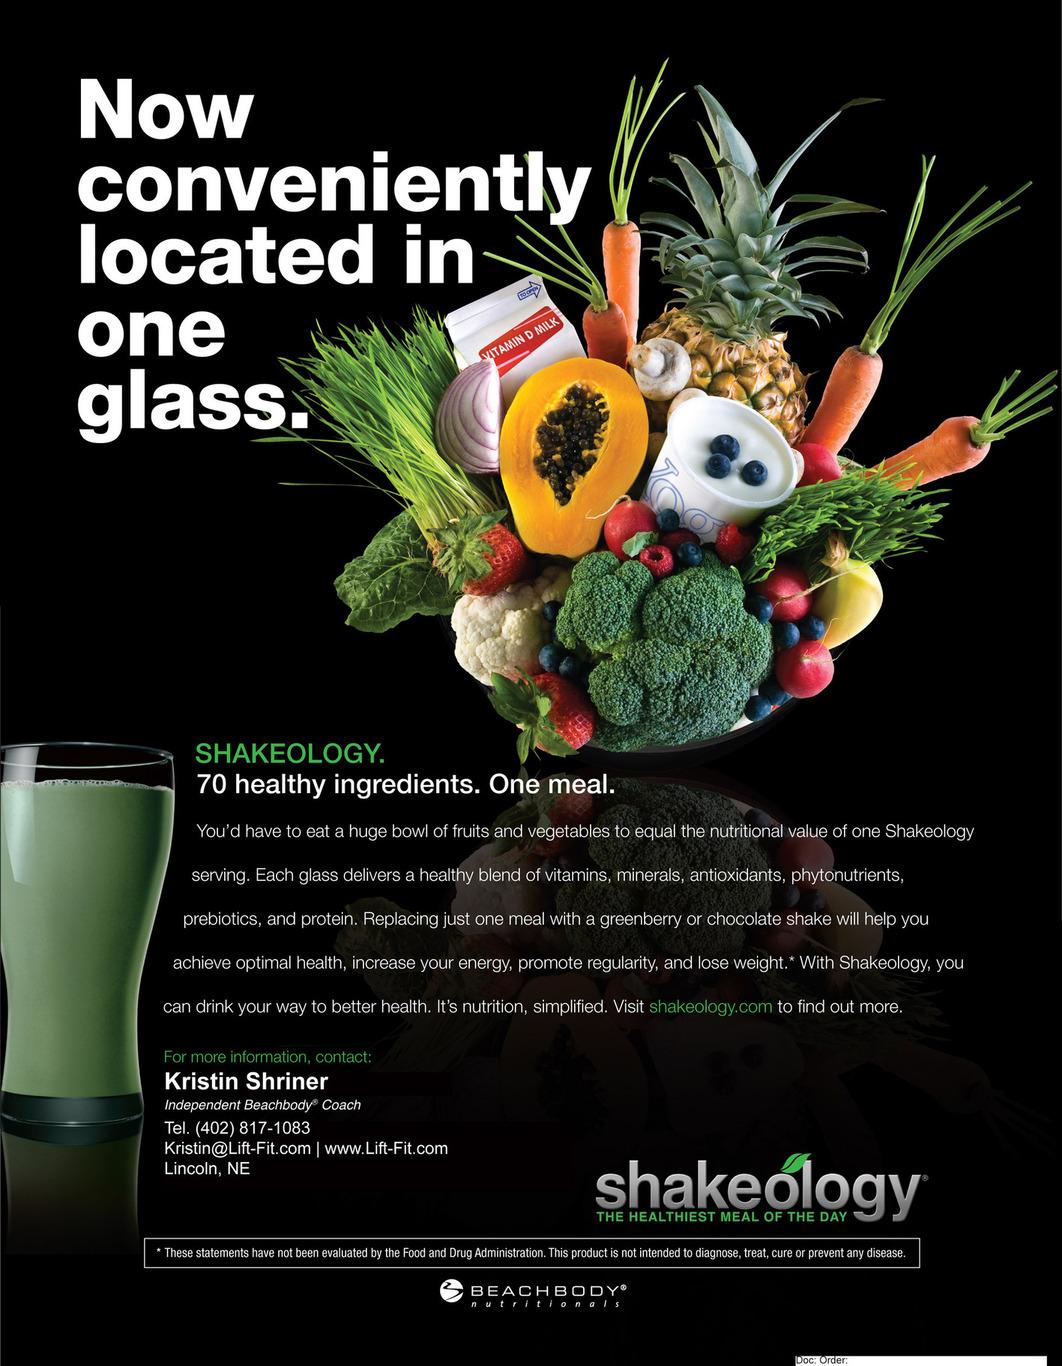 Shakeology Alternative - Substitutes For Shakeology?